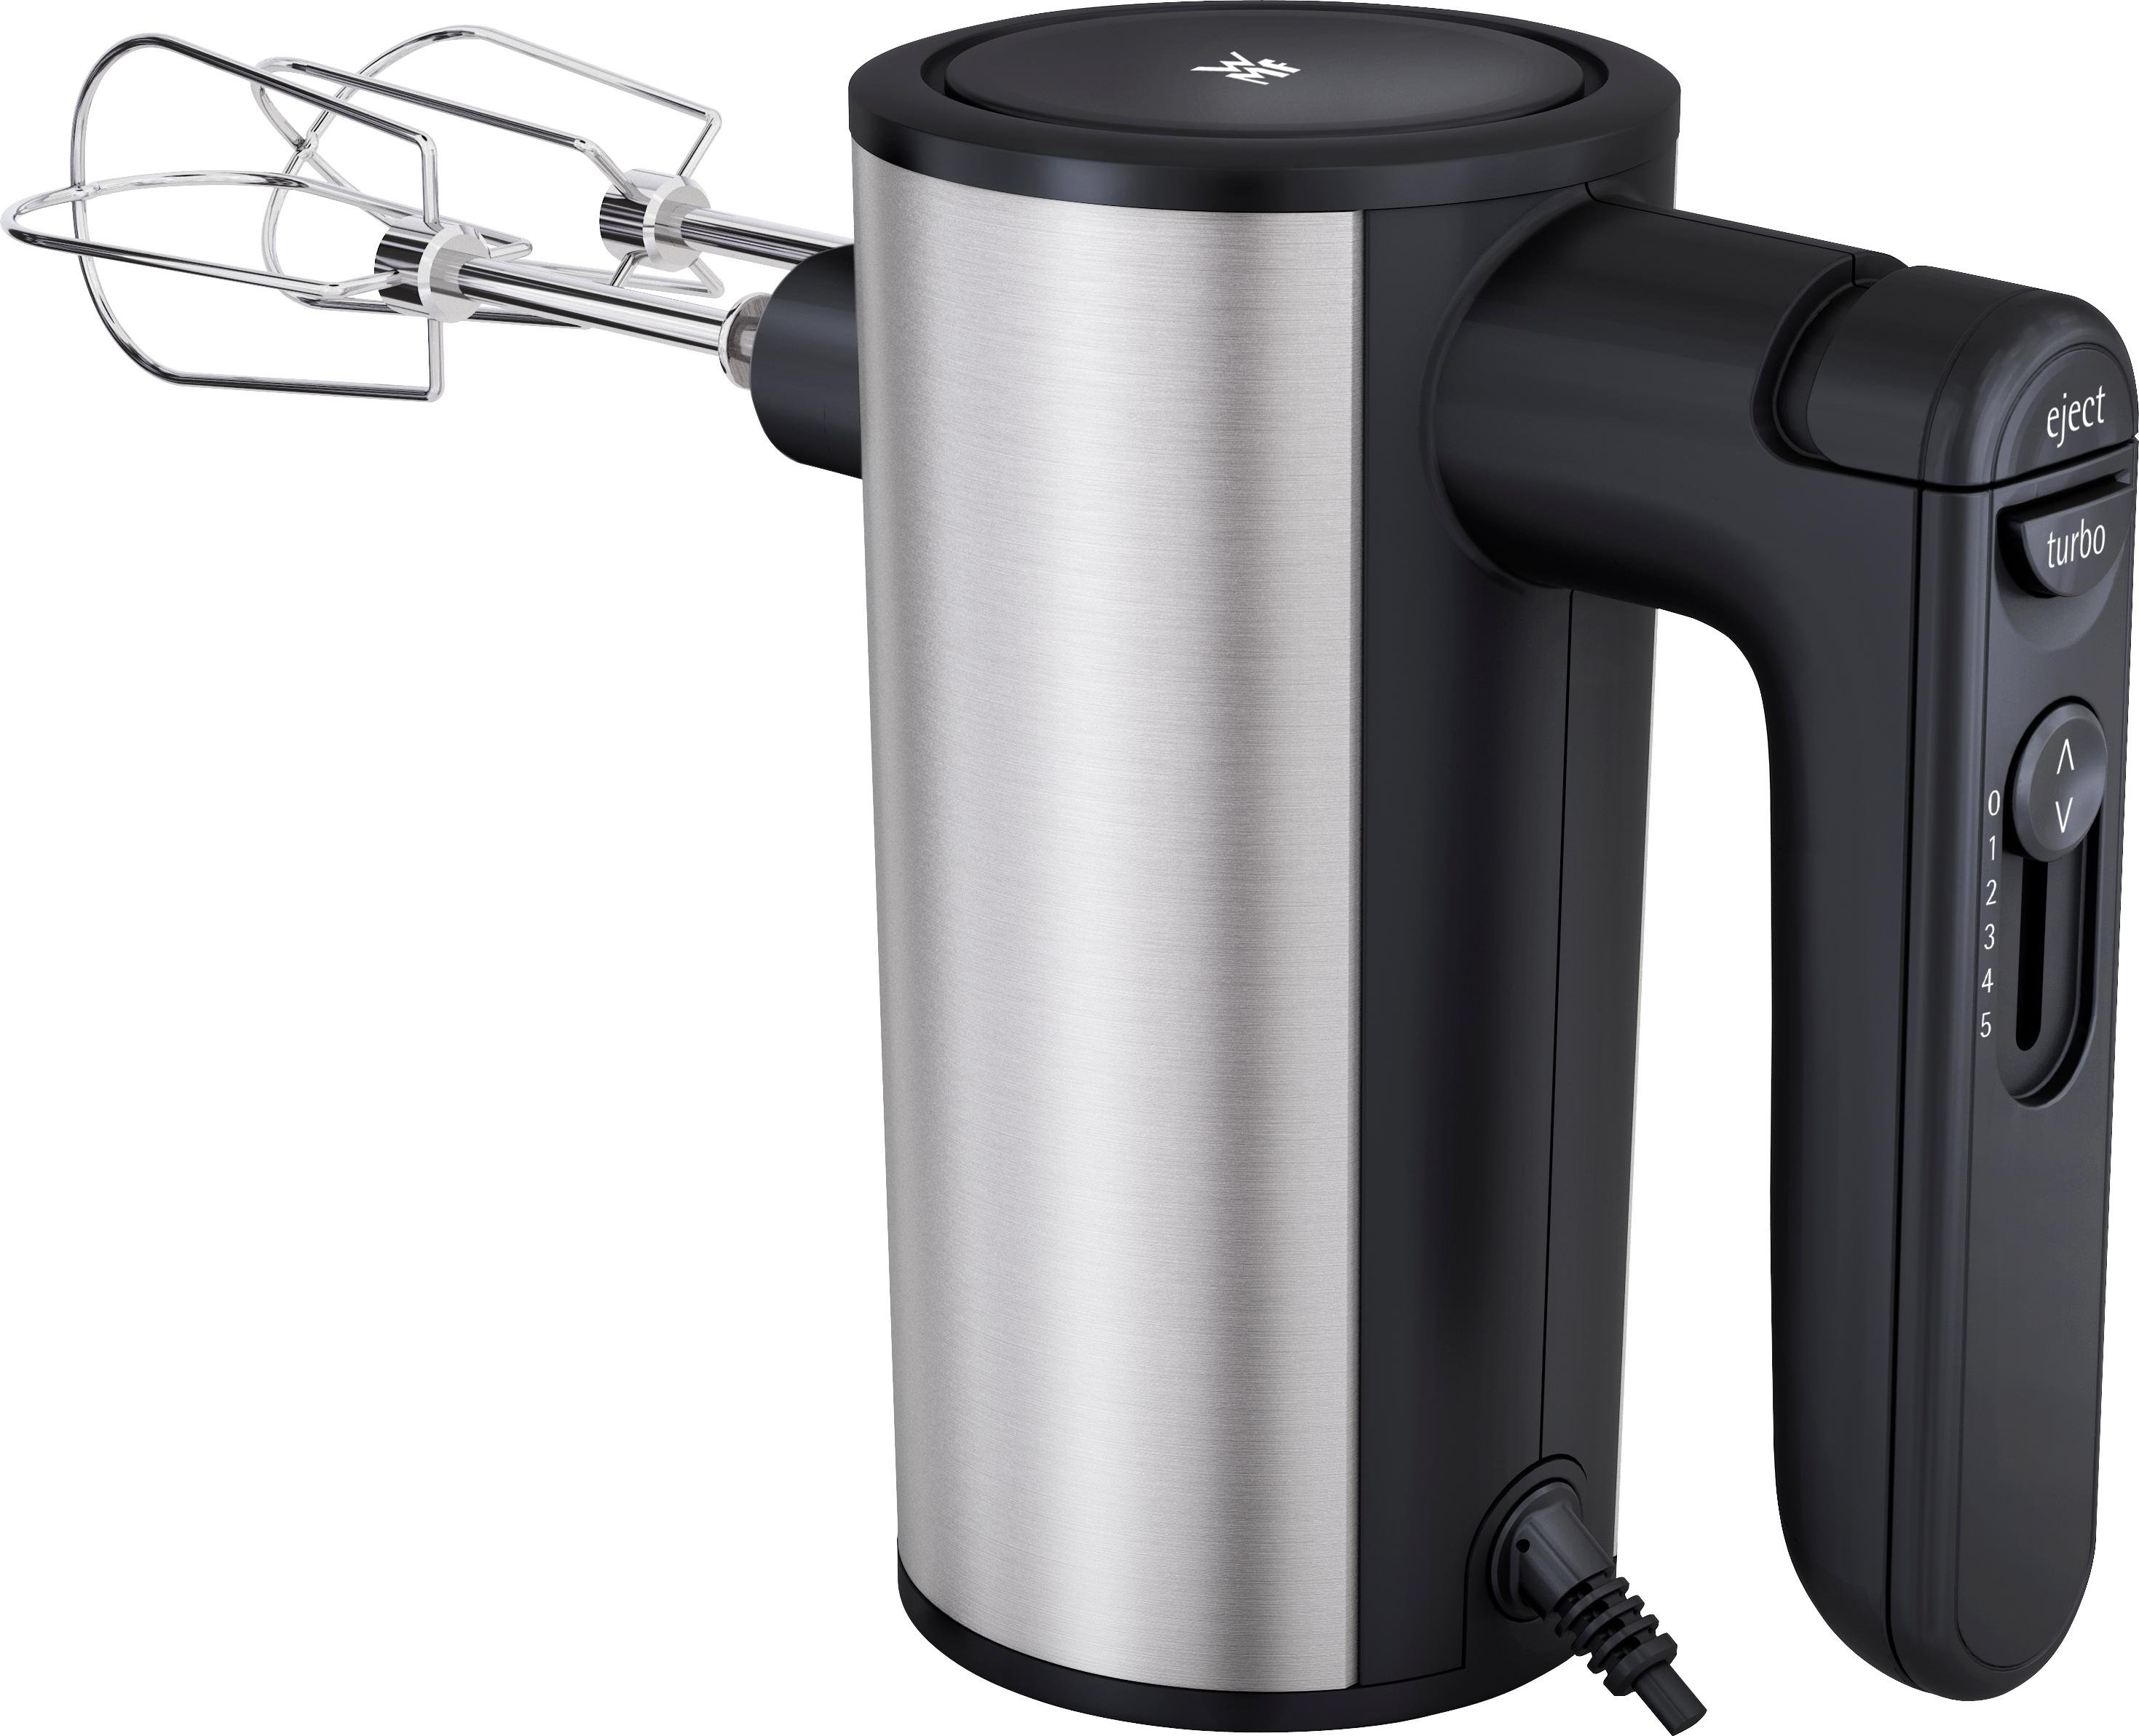 Op zoek naar een WMF handmixer WMF Kult X Handmixer Edition, 400 watt? Koop online bij OTTO